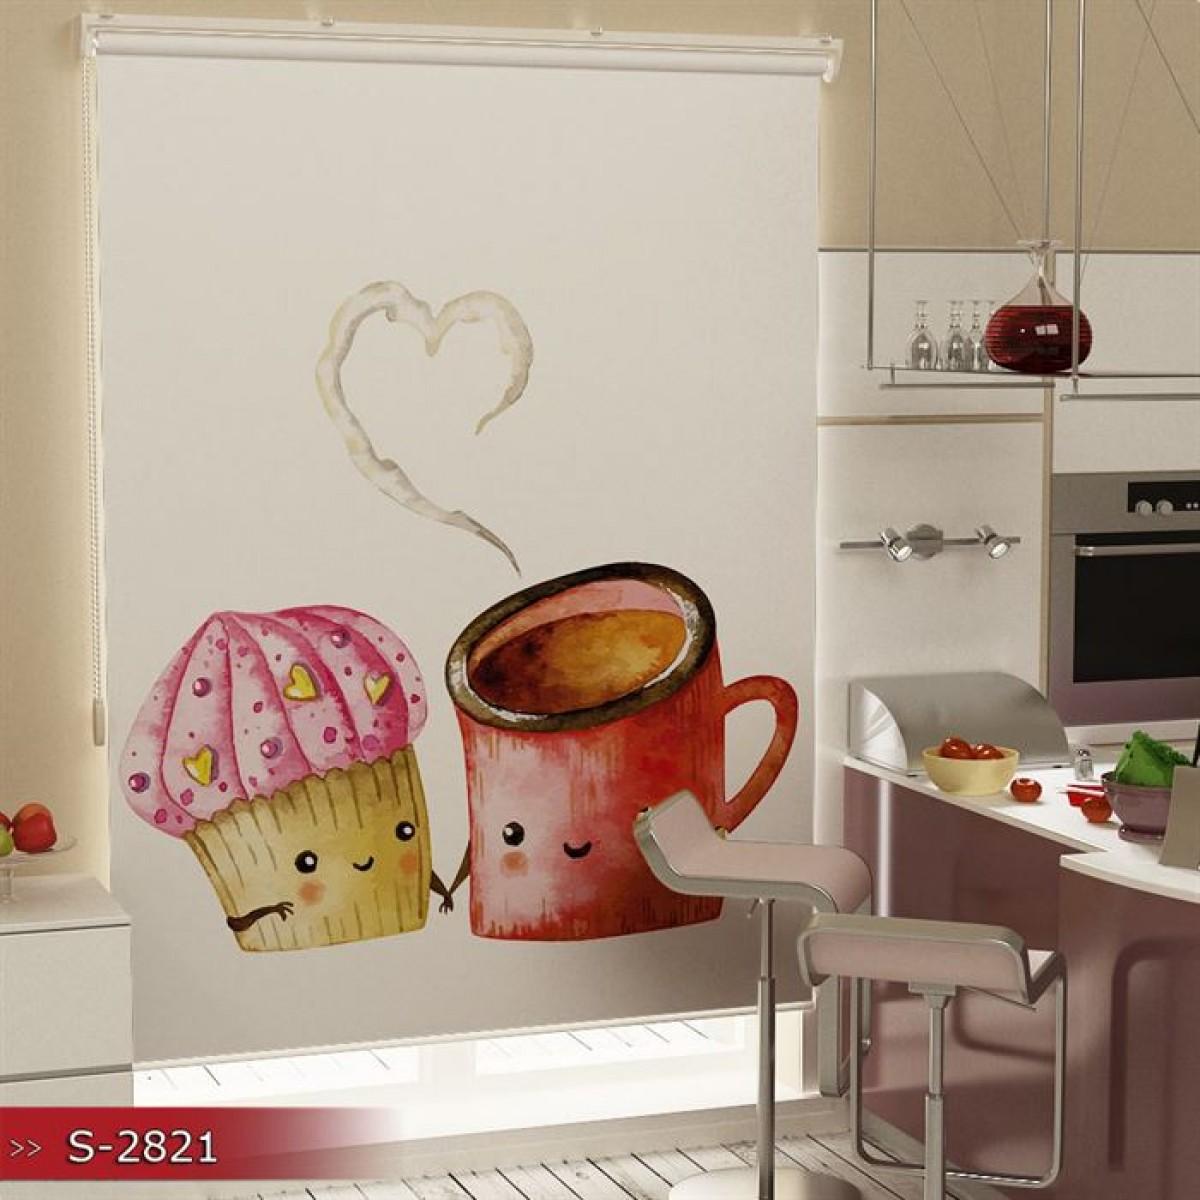 Mutfak - Pasta ve Çay Baskılı Stor Perde - (GÜNEŞLİK)